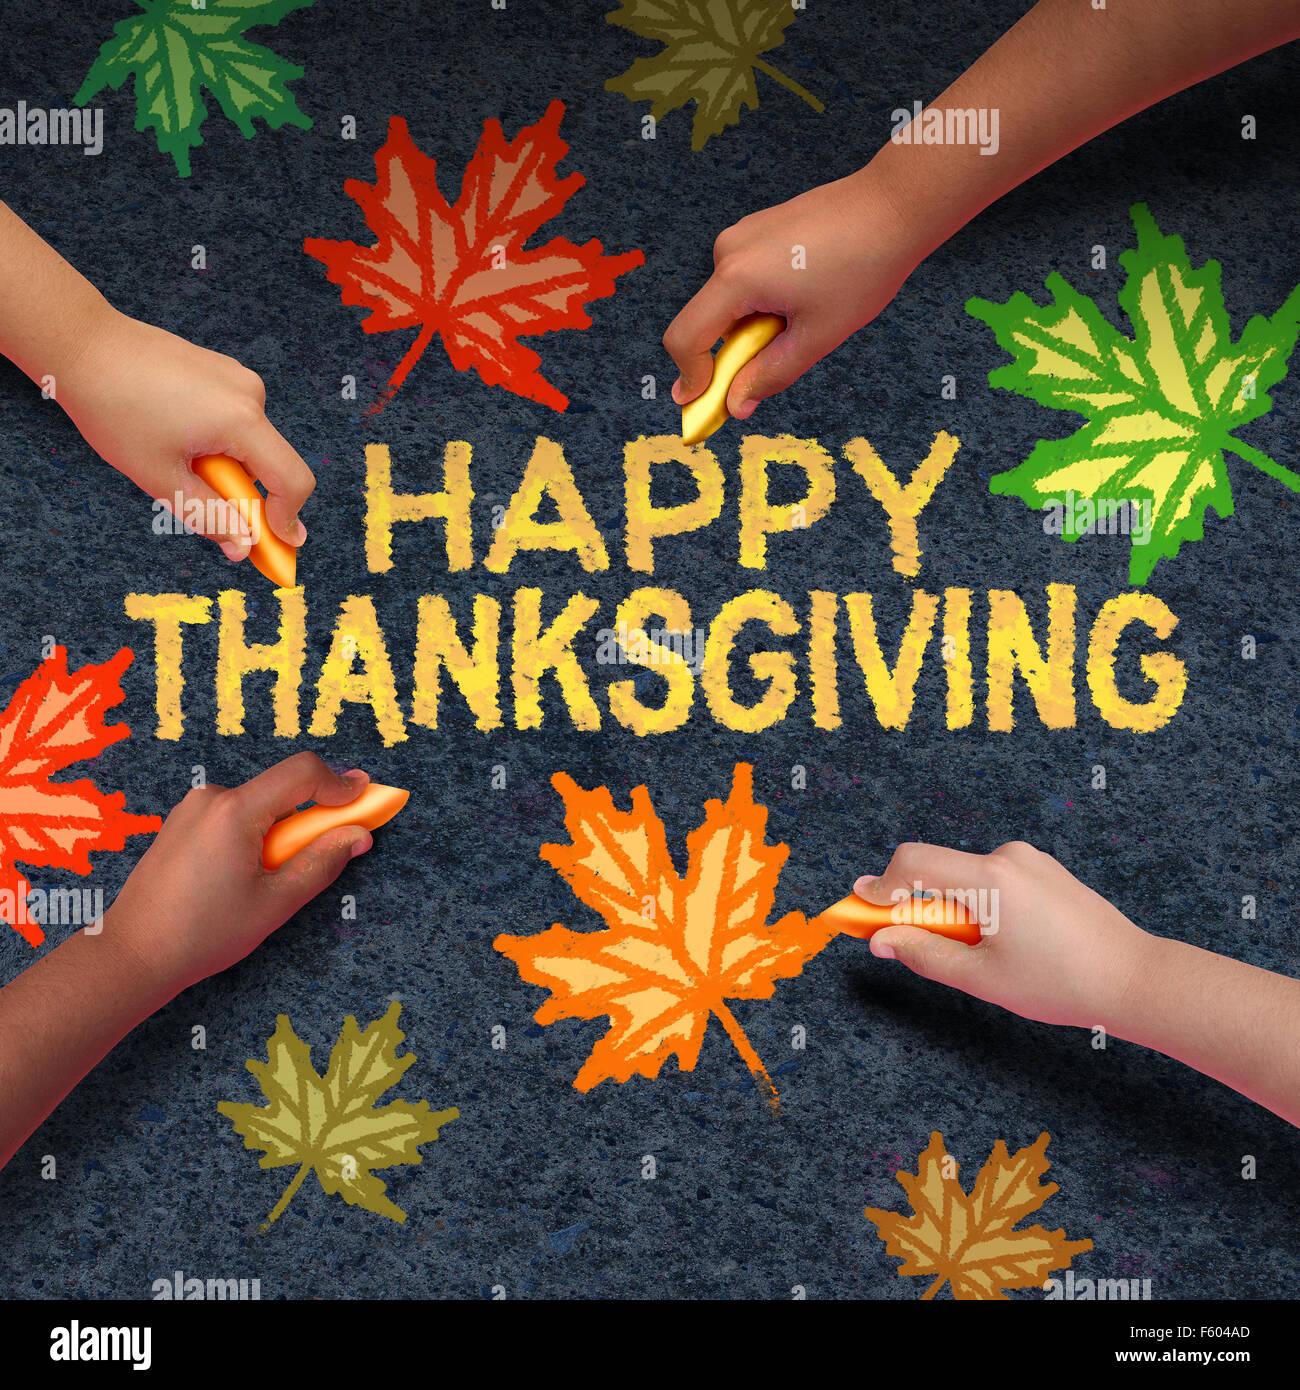 Feliz día de acción de gracias el concepto como un grupo diverso de personas dibujo con tiza en ashpalt Imagen De Stock